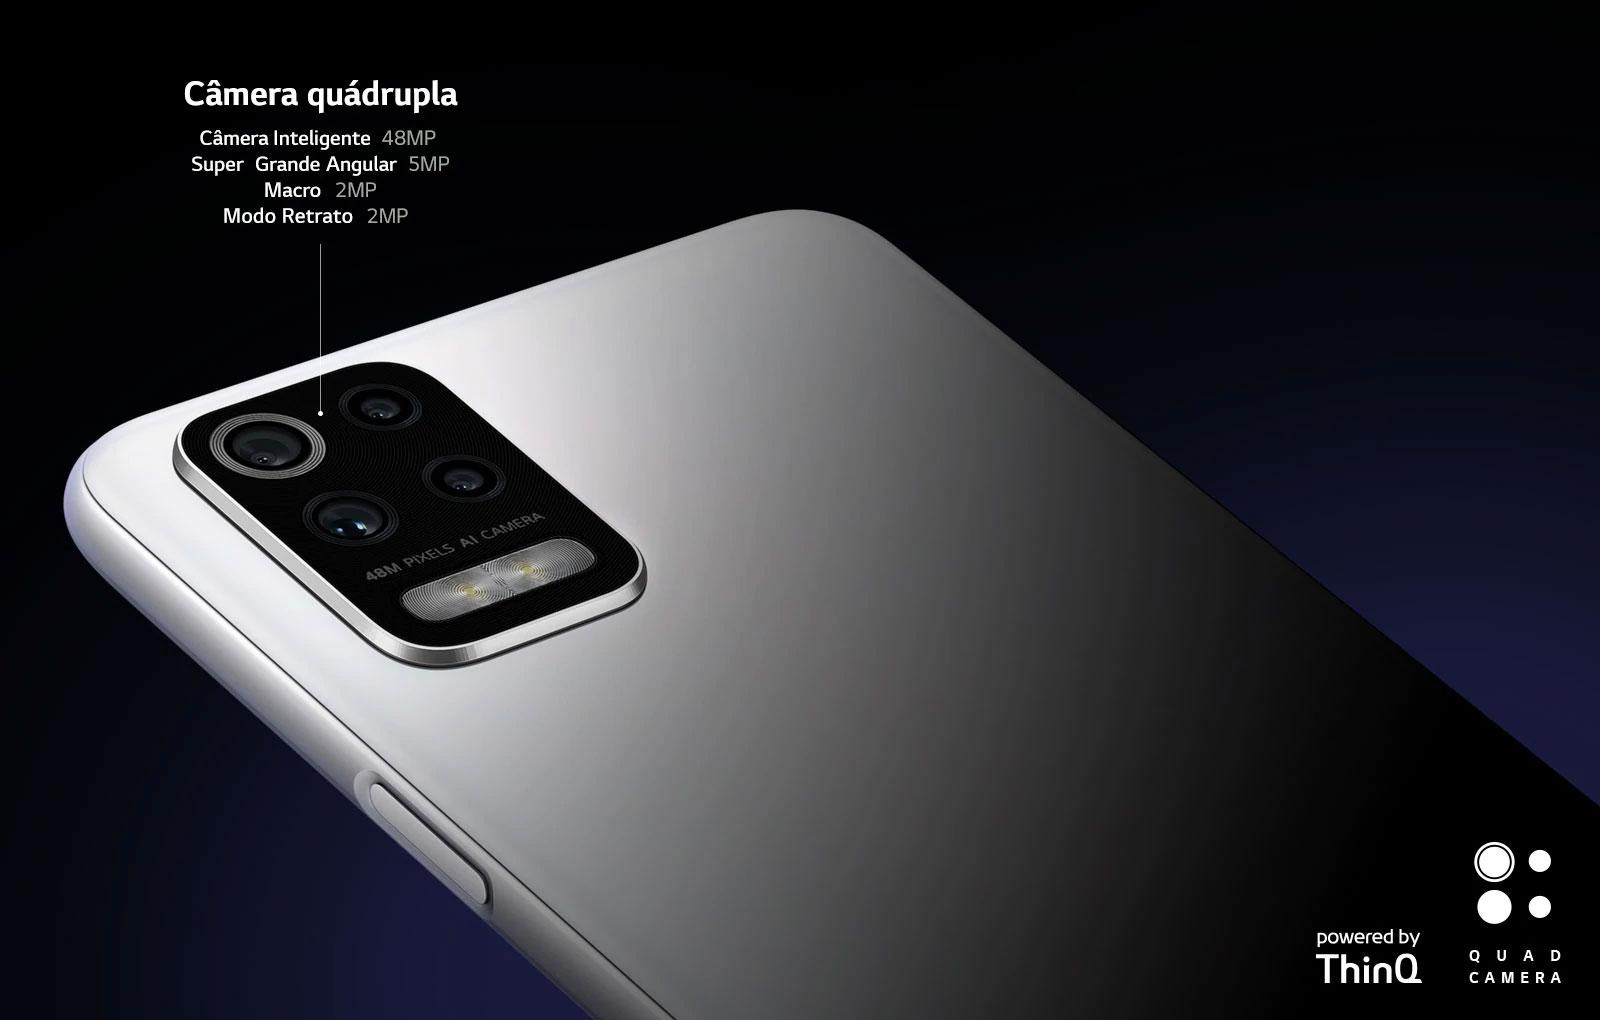 Vista traseira do smartphone mostrando quatro câmeras.